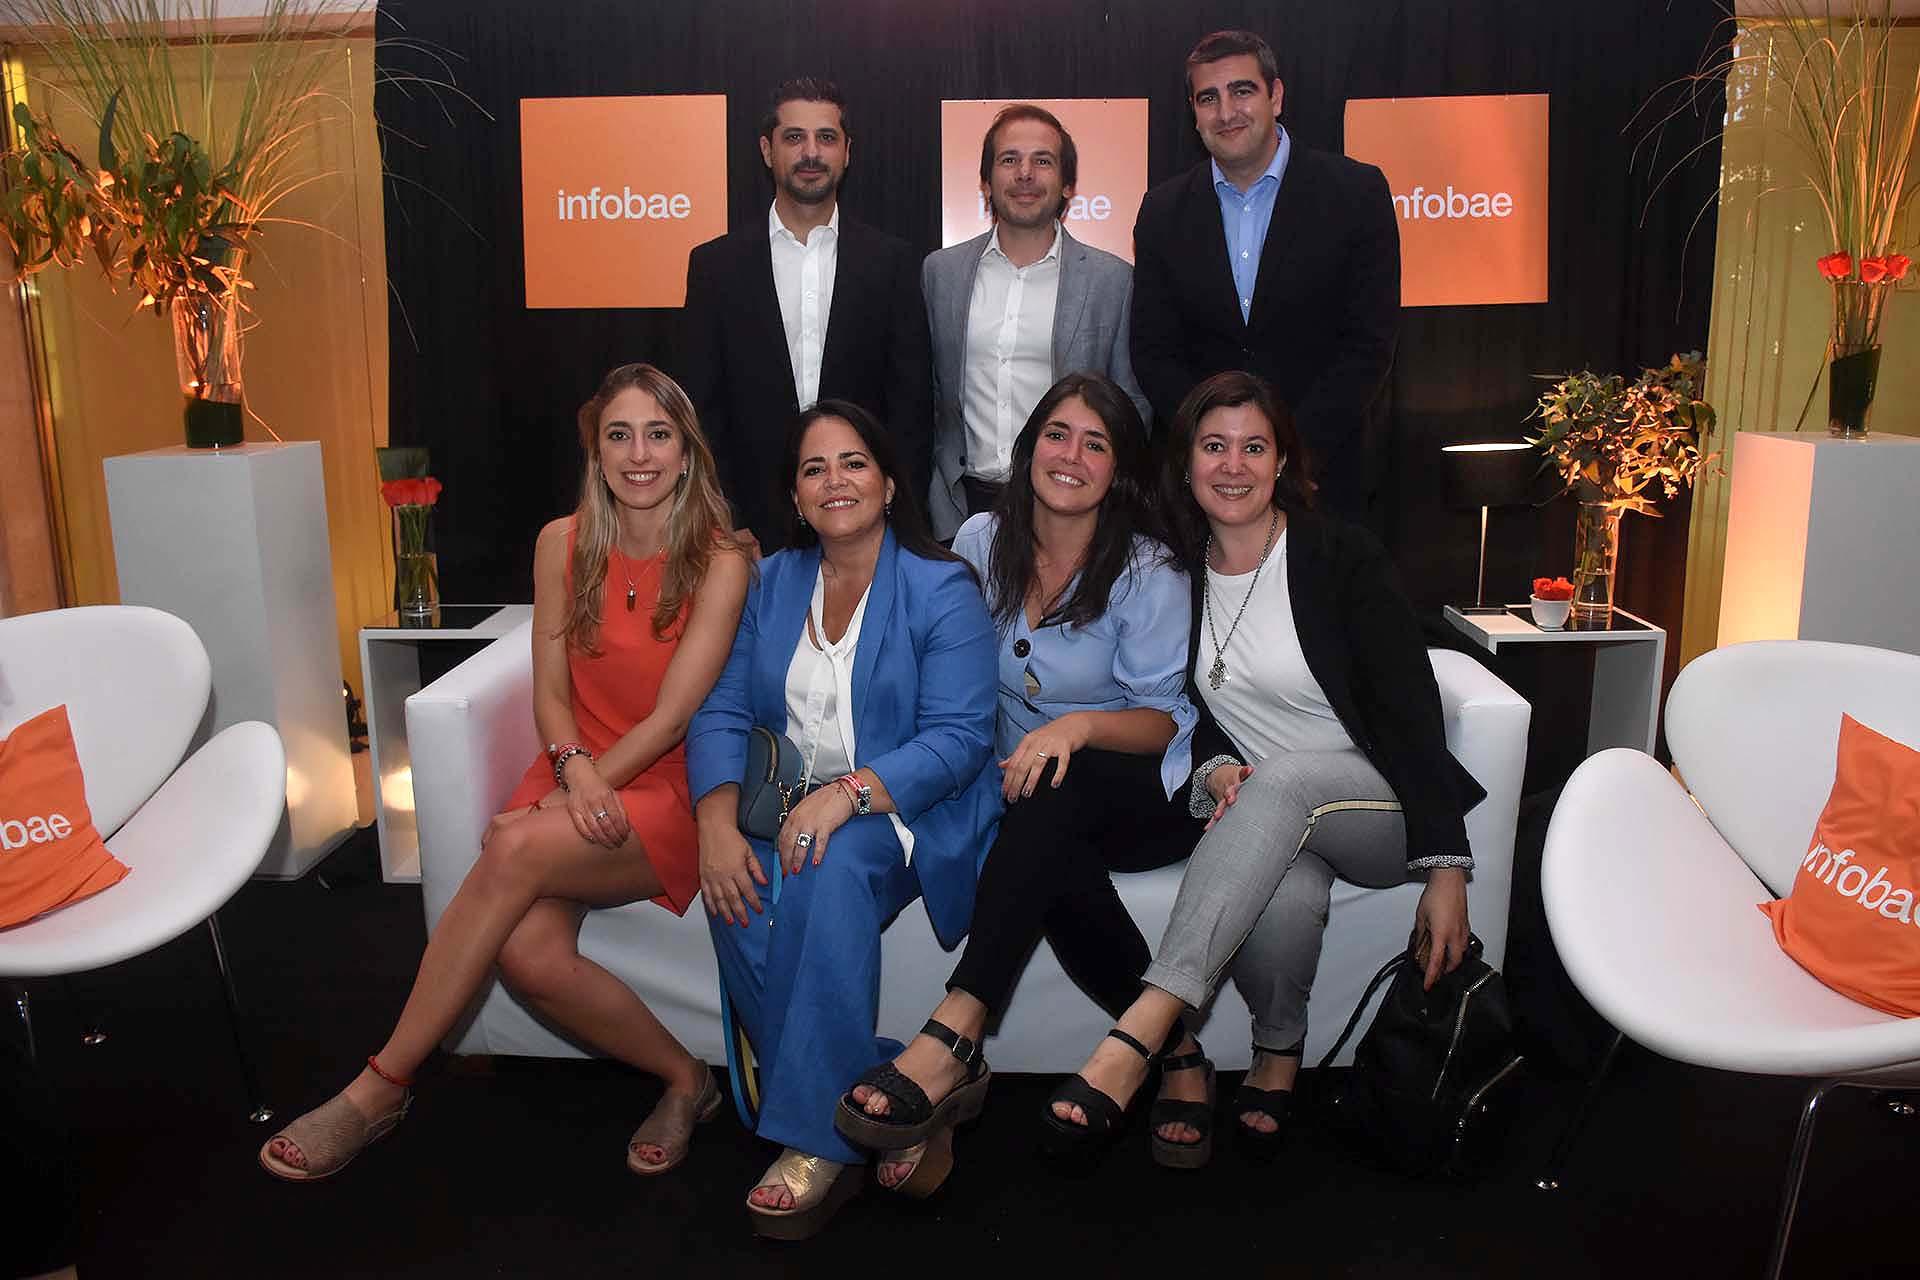 Los colaboradores de DirectTV: Martín Pozzo, director; Vanesa García Rizzo, gerente; Esteban Chillado, director; Micaela Luver, jefa de Recursos Humanos; Julieta Forciniti, FERPV; Sofía Ugalde, analista